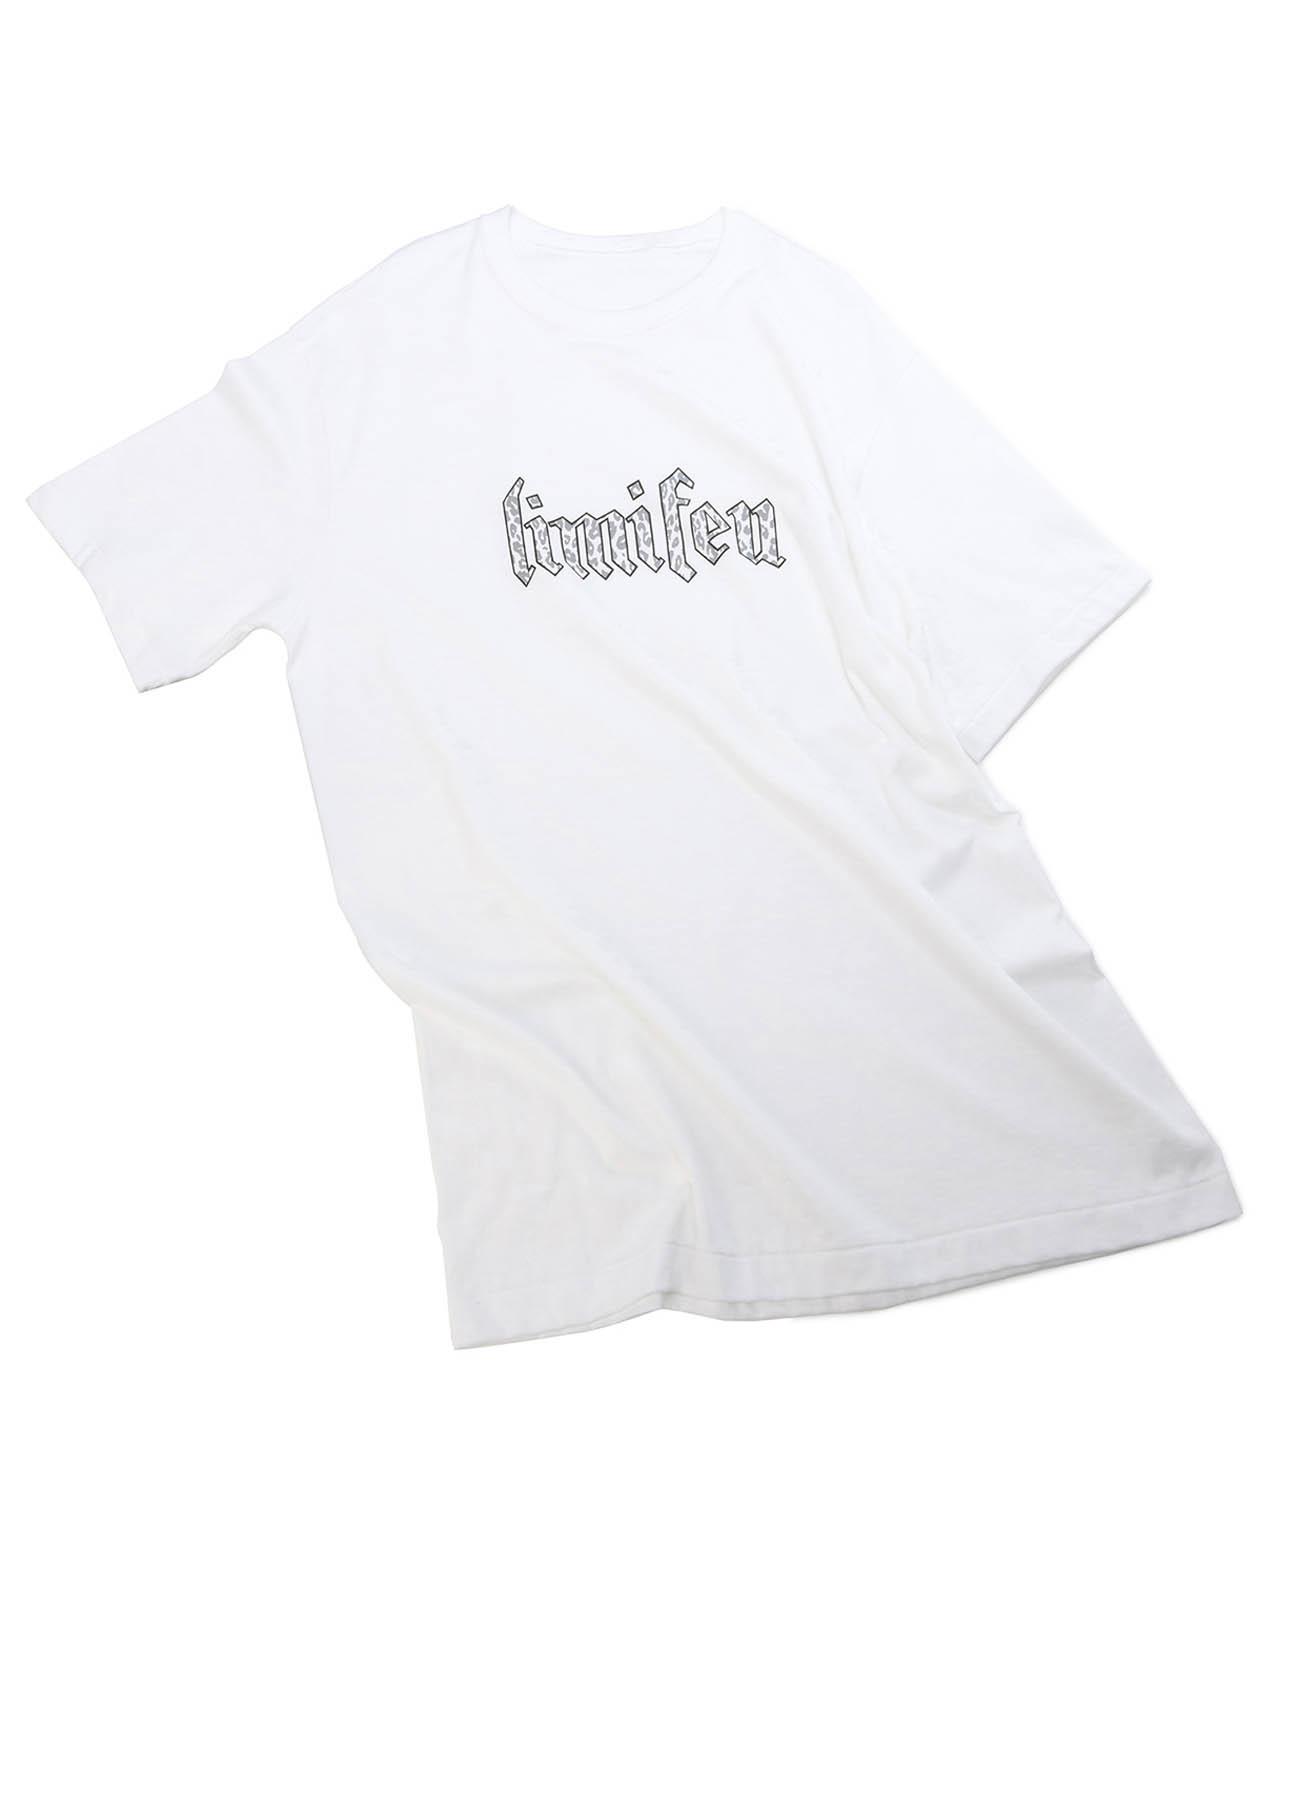 [THE SHOP Limited Product] 20/-Plain Stitch AL Print T-Shirt A